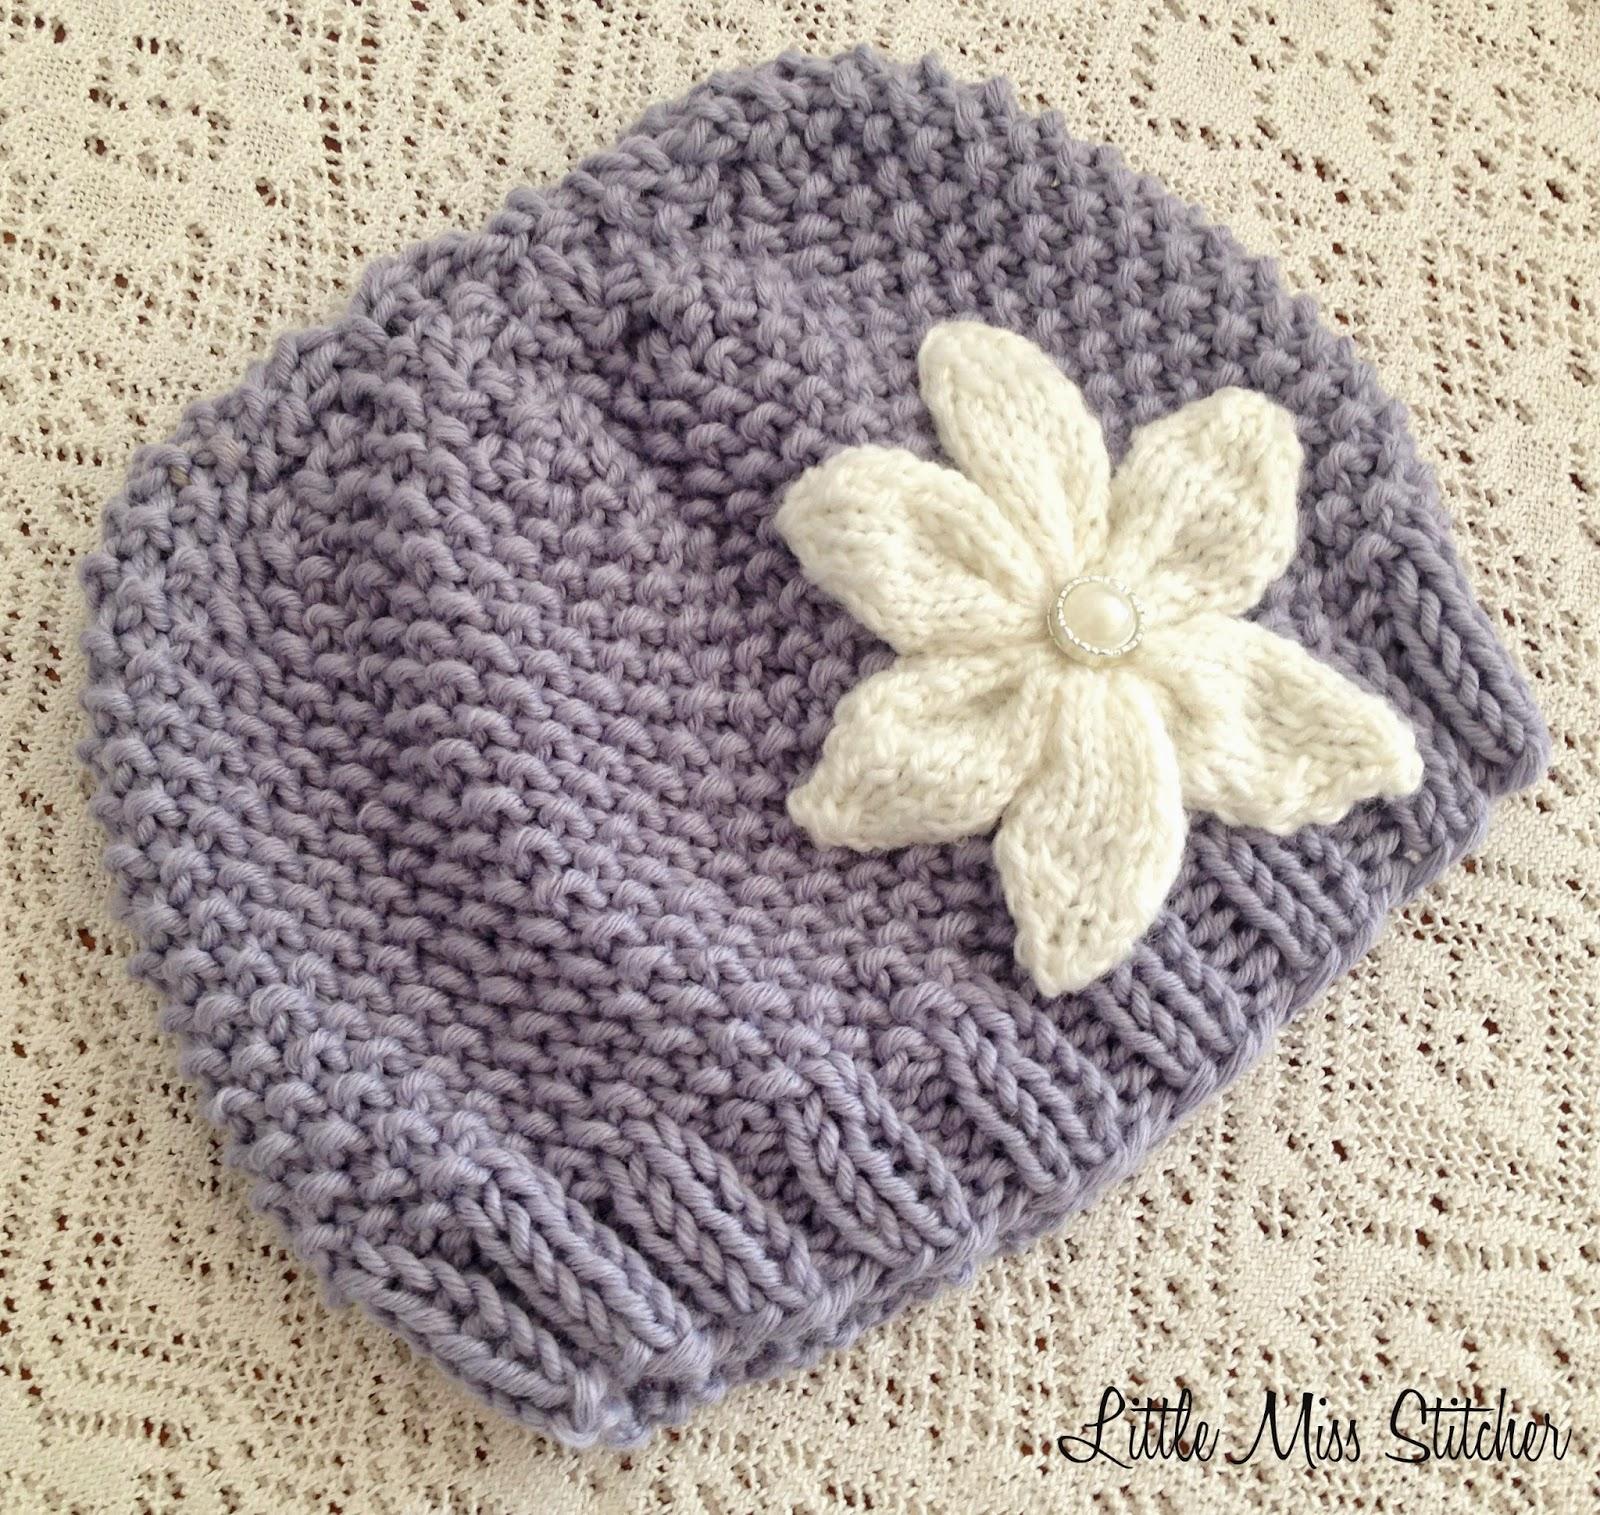 Textured Knitting Patterns : Little miss stitcher textured knit toddler hat free pattern